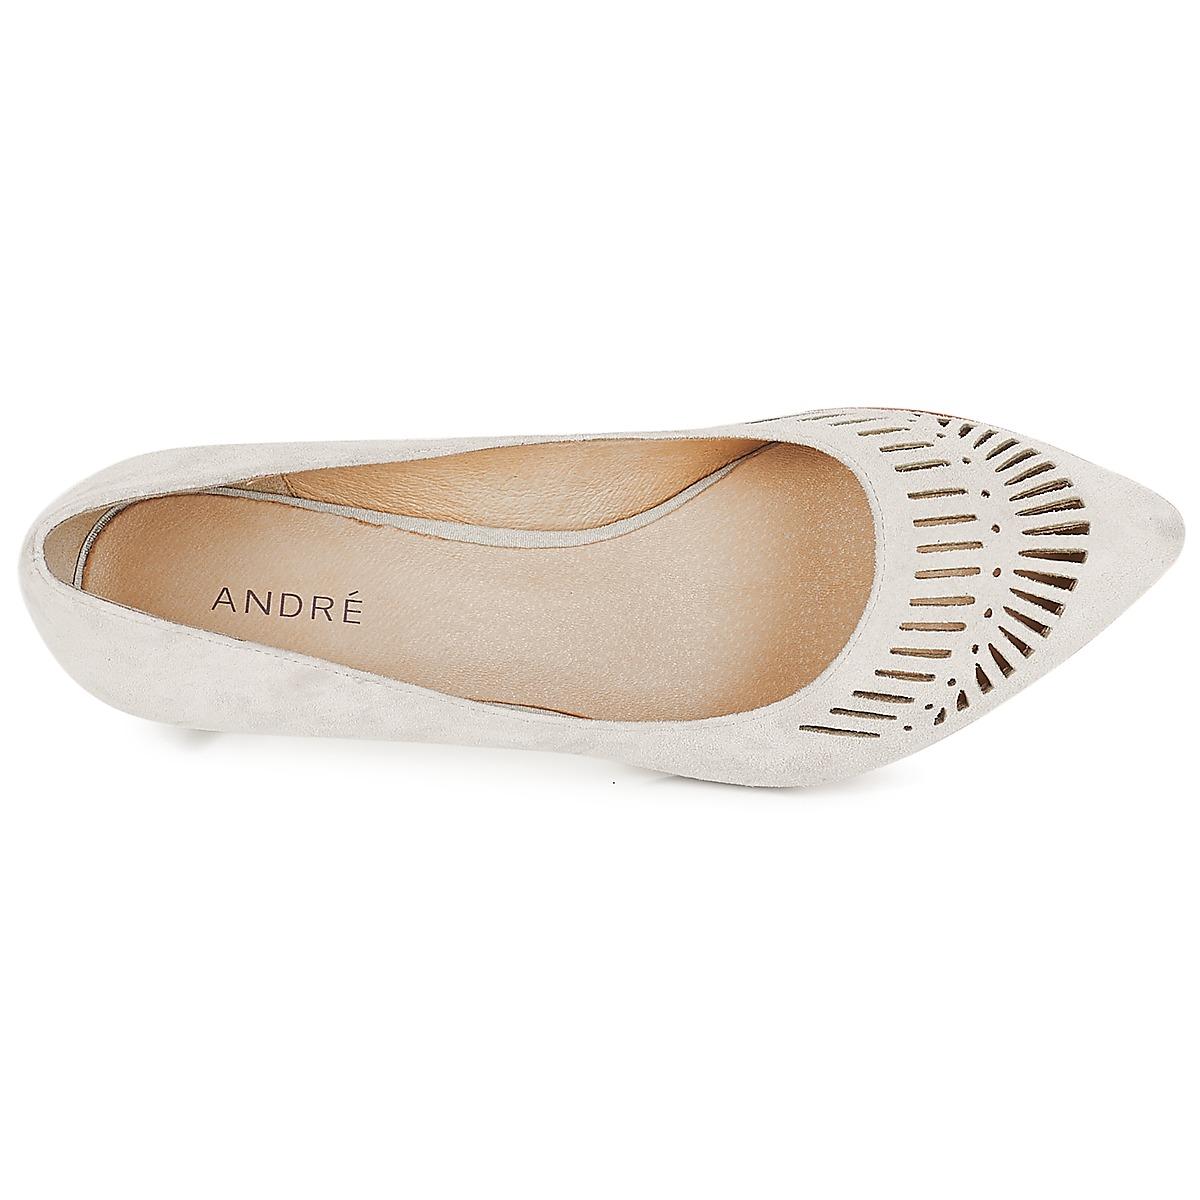 André André André TOURBILLON Gris - Envío gratis Nueva promoción - Zapatos Zapatos de tacón Mujer f2aebc